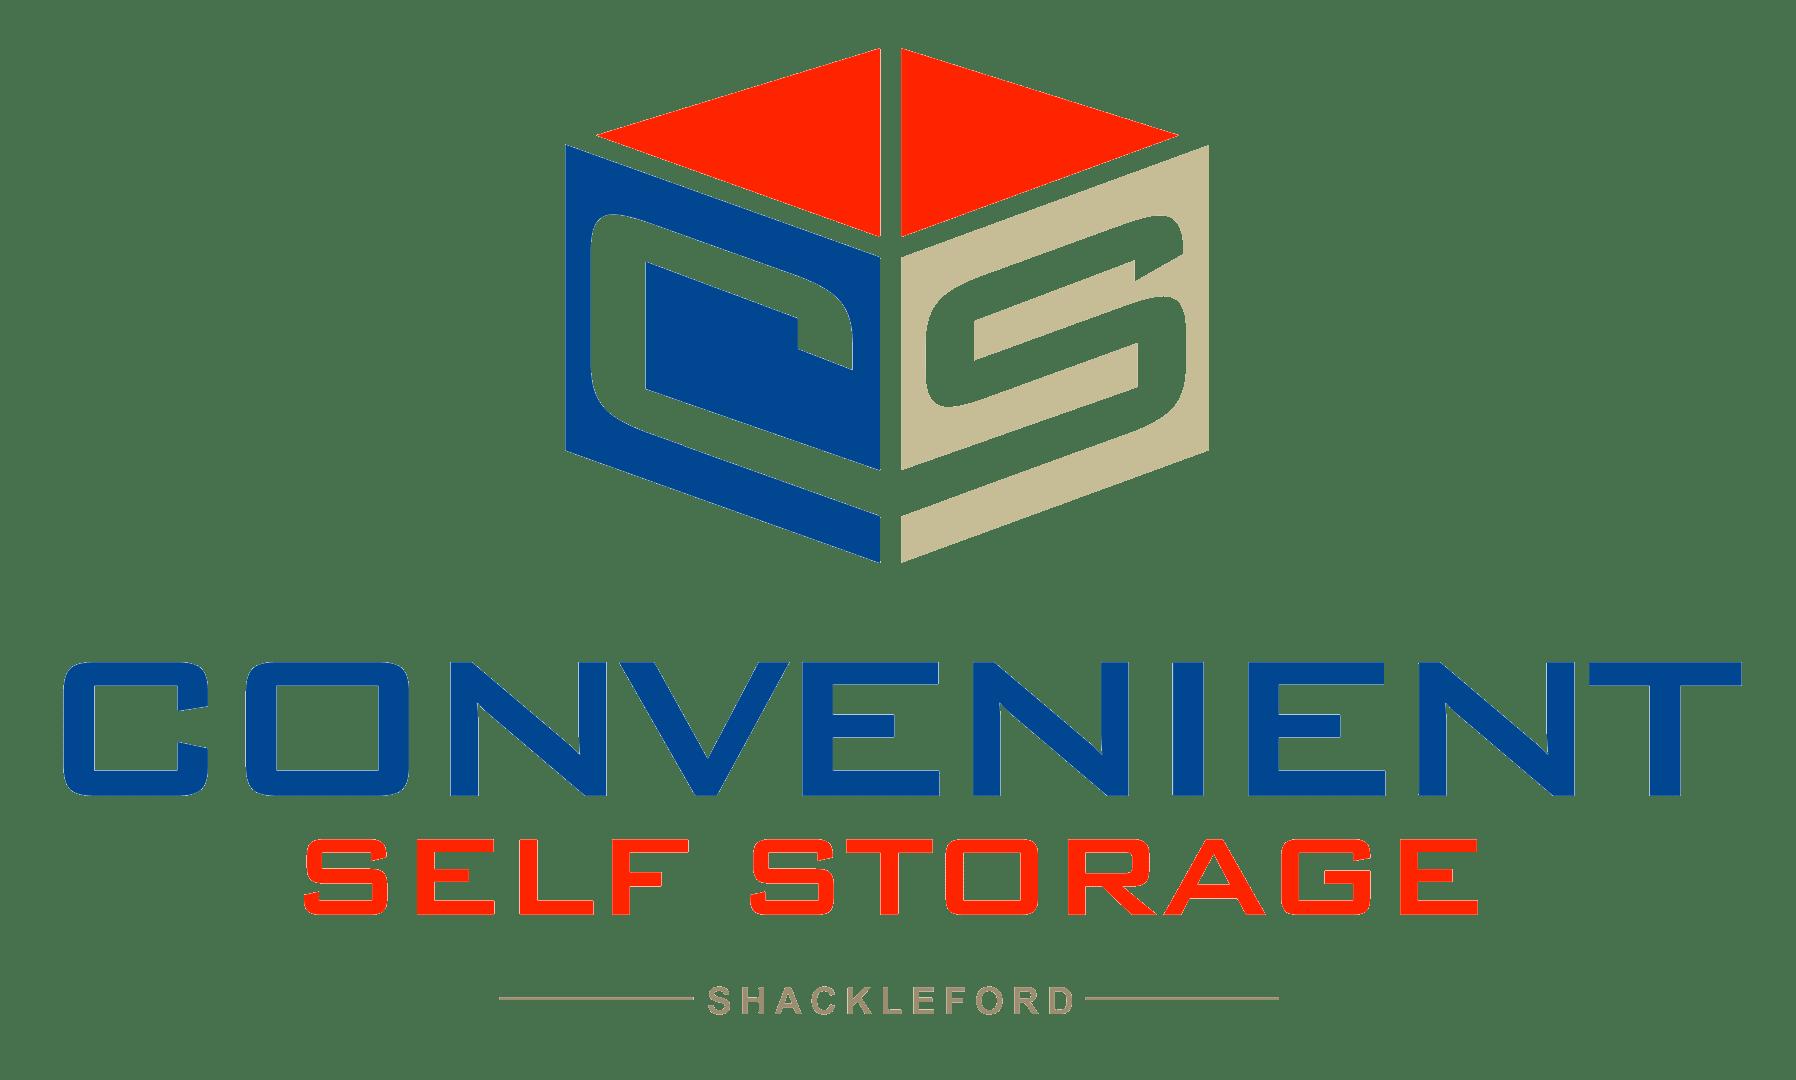 Convenient Self Storage